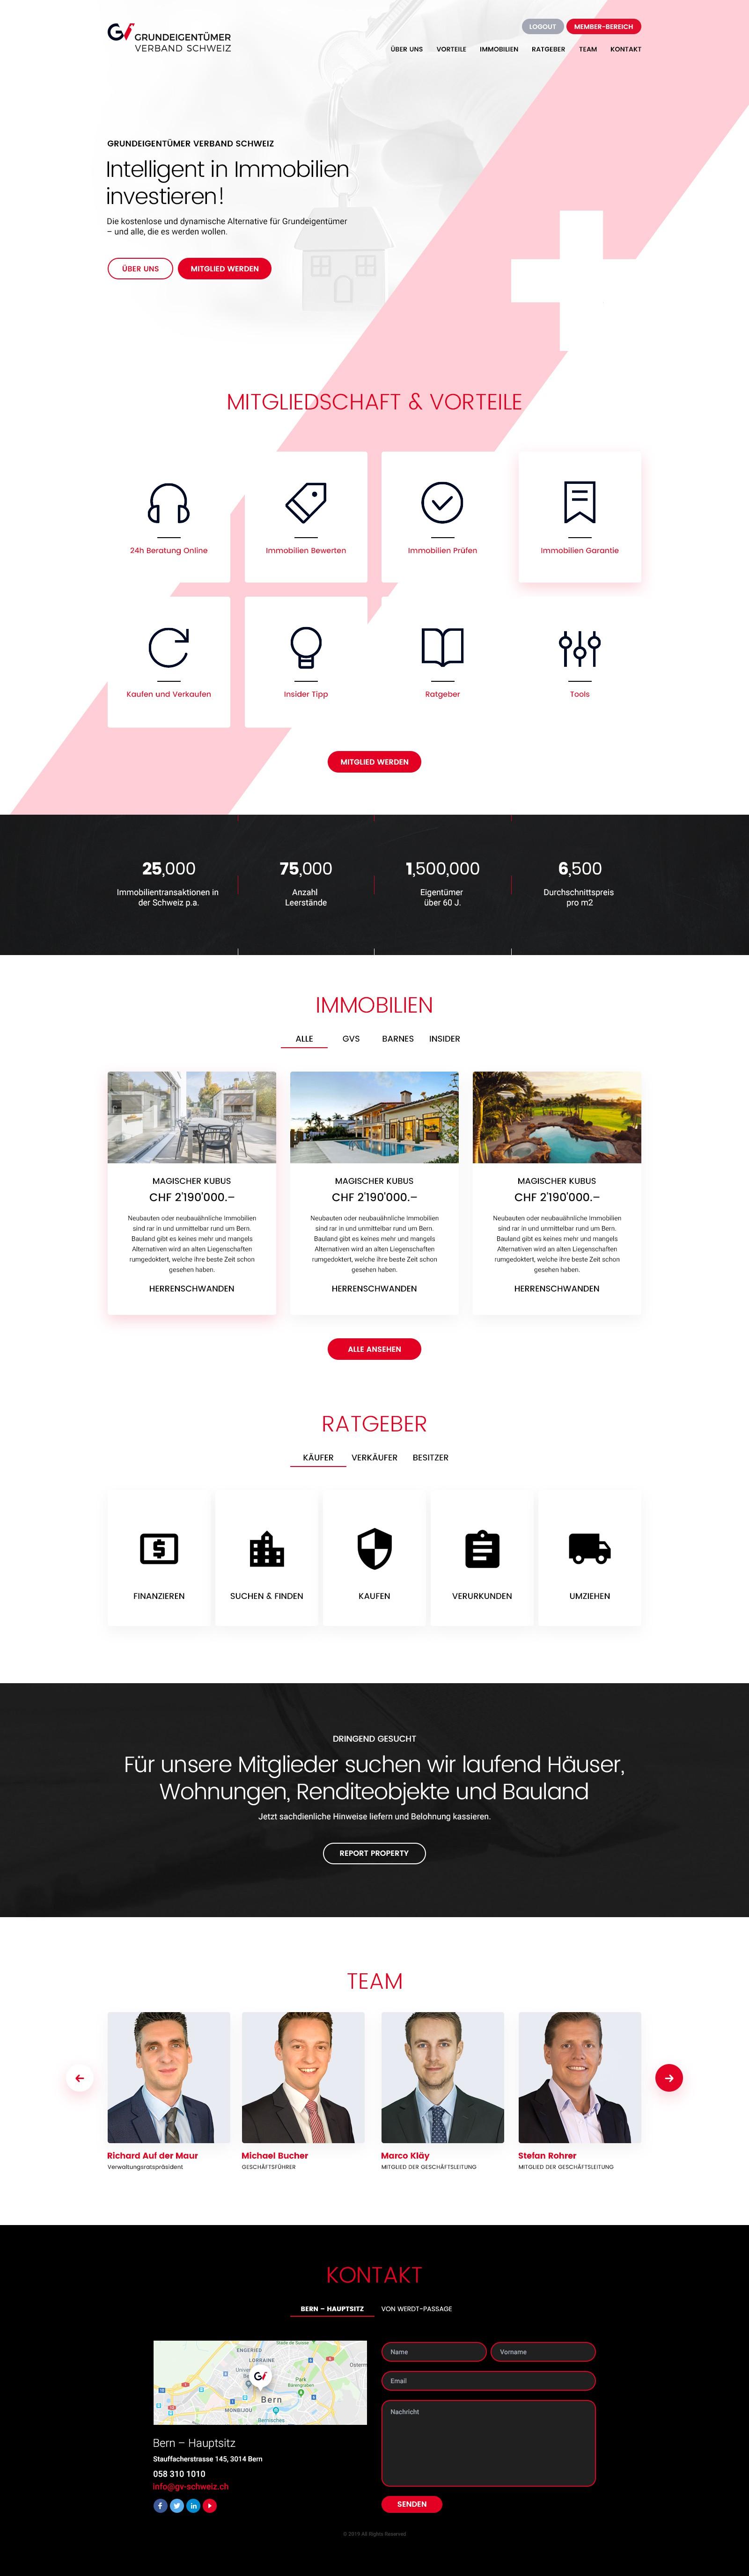 Corporate Design Grundeigentümer Verband Schweiz